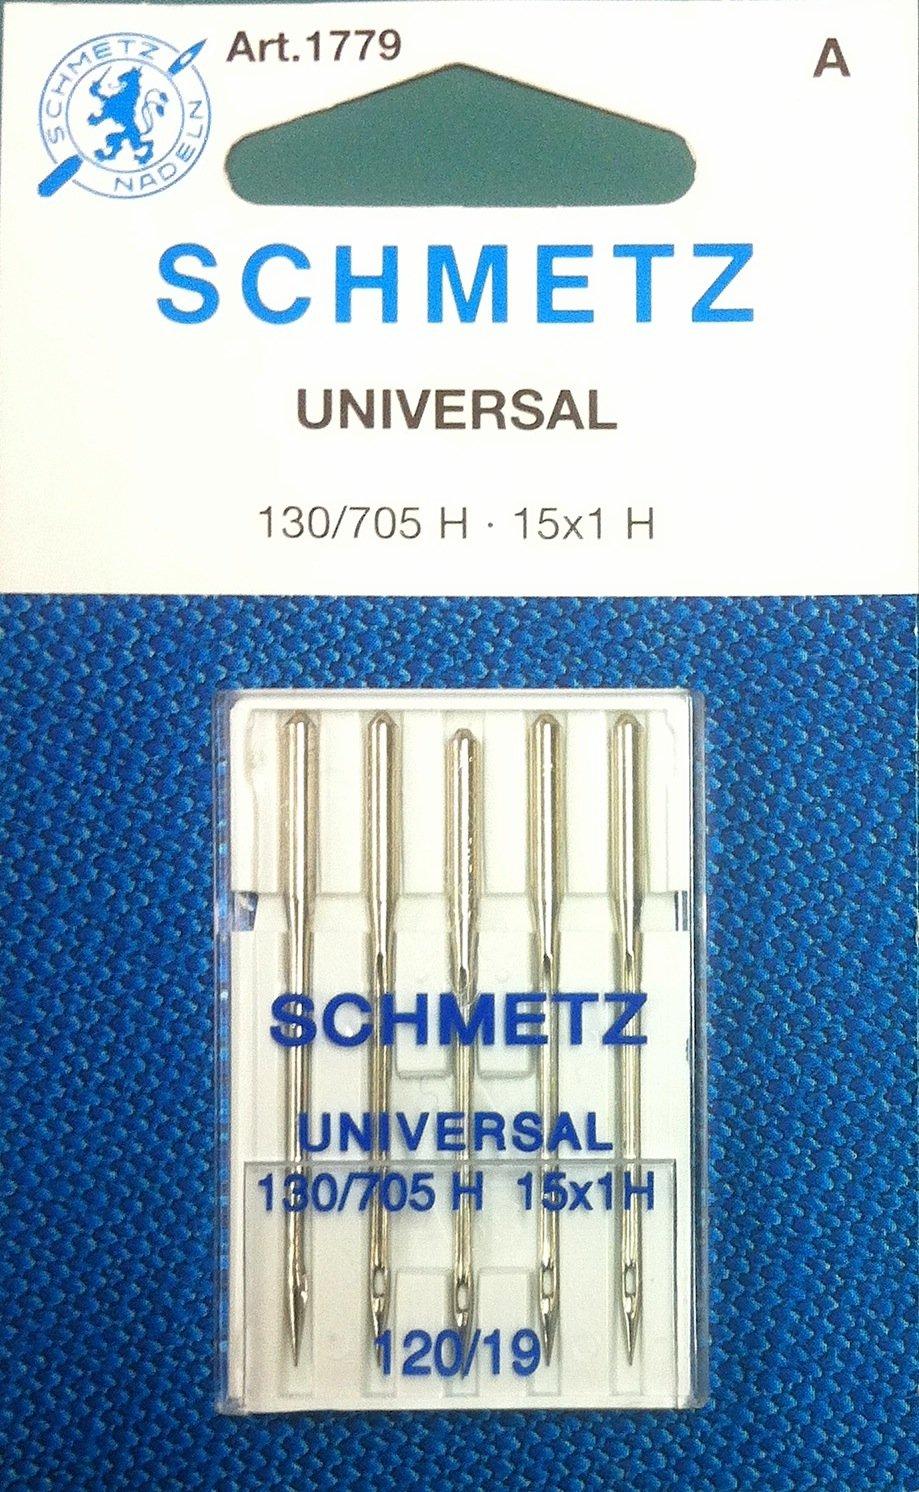 Schmetz Universal 120/19